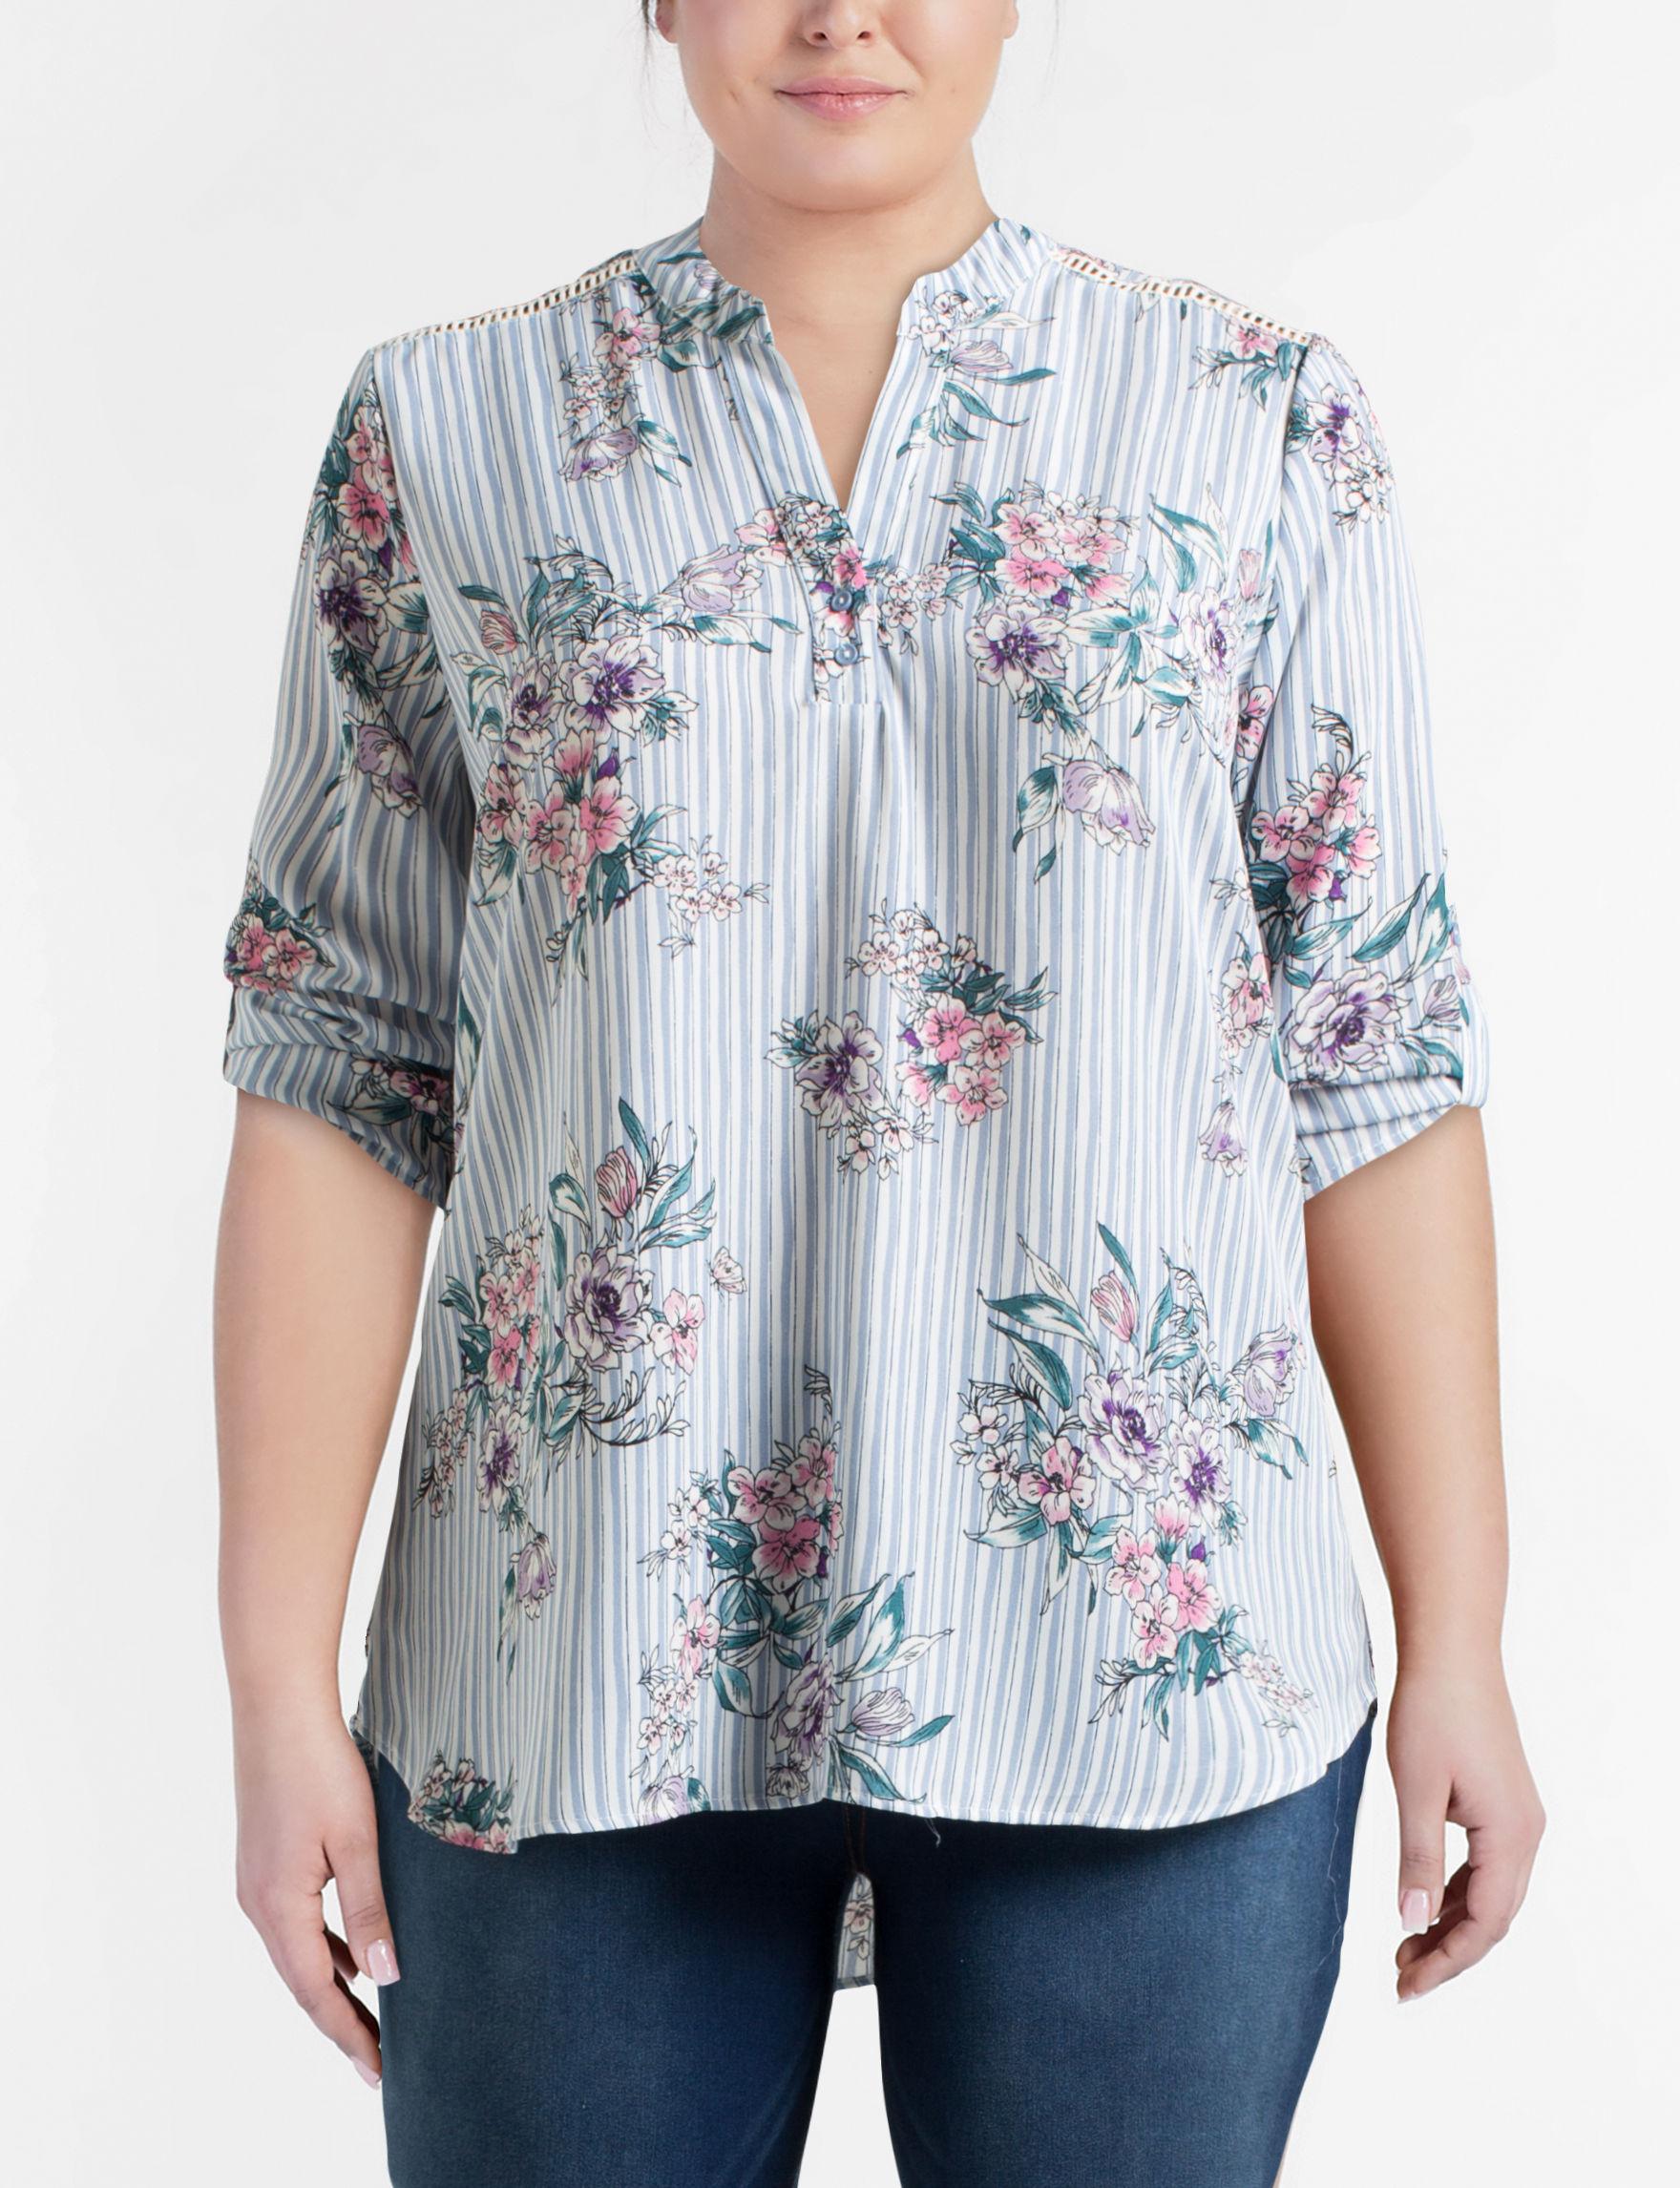 Liberty Love White Multi Shirts & Blouses